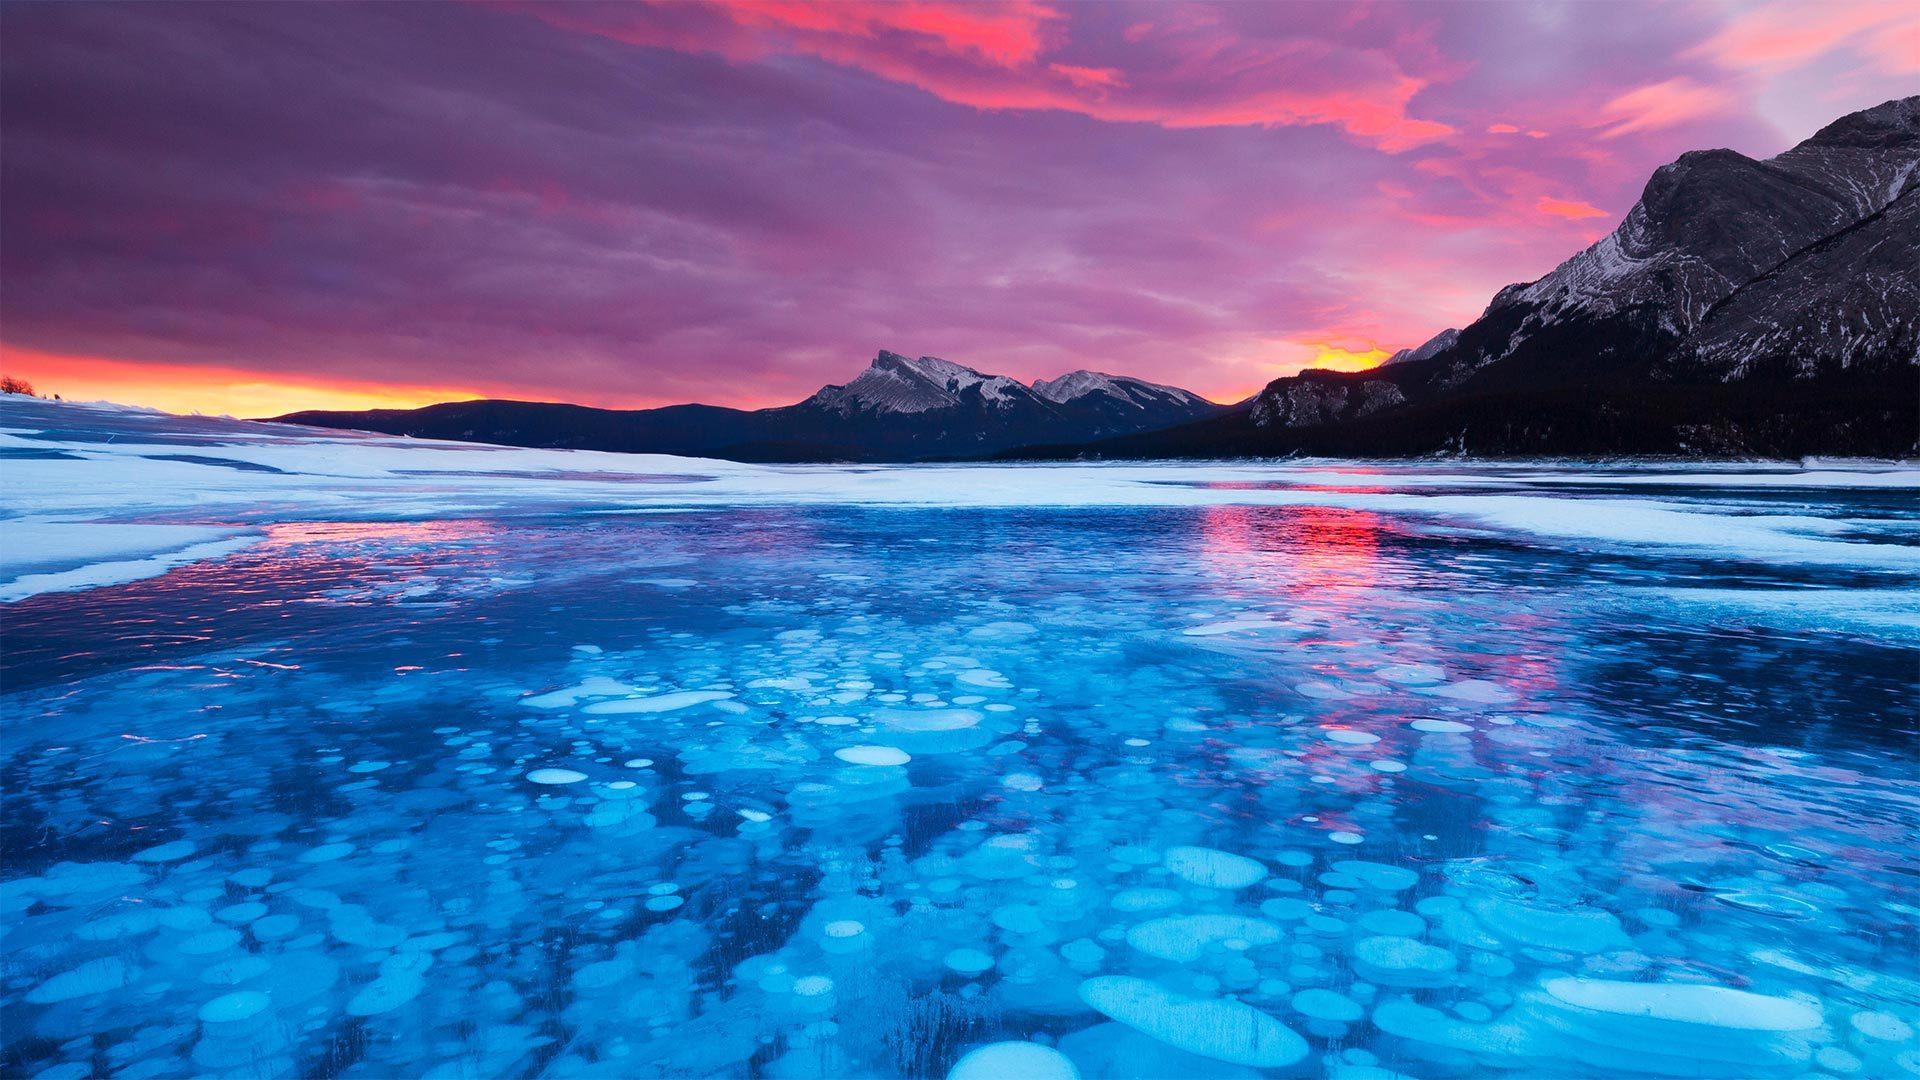 亚伯拉罕湖中的冰泡冰泡